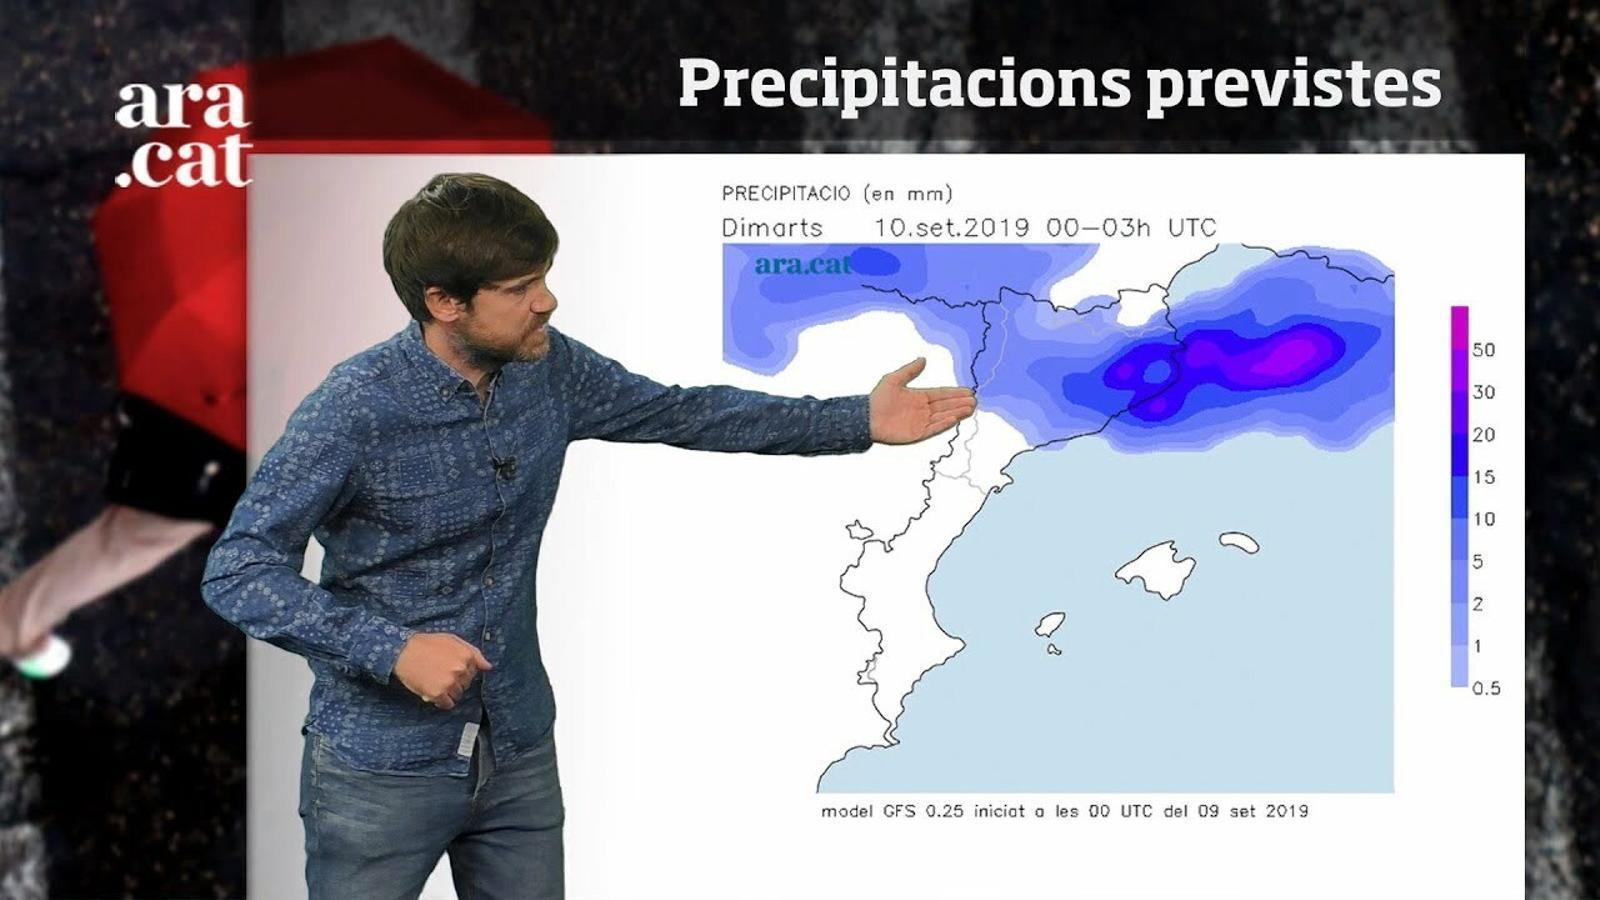 Méteo especial: aiguats i tempestes fortes entre aquesta nit i dimarts